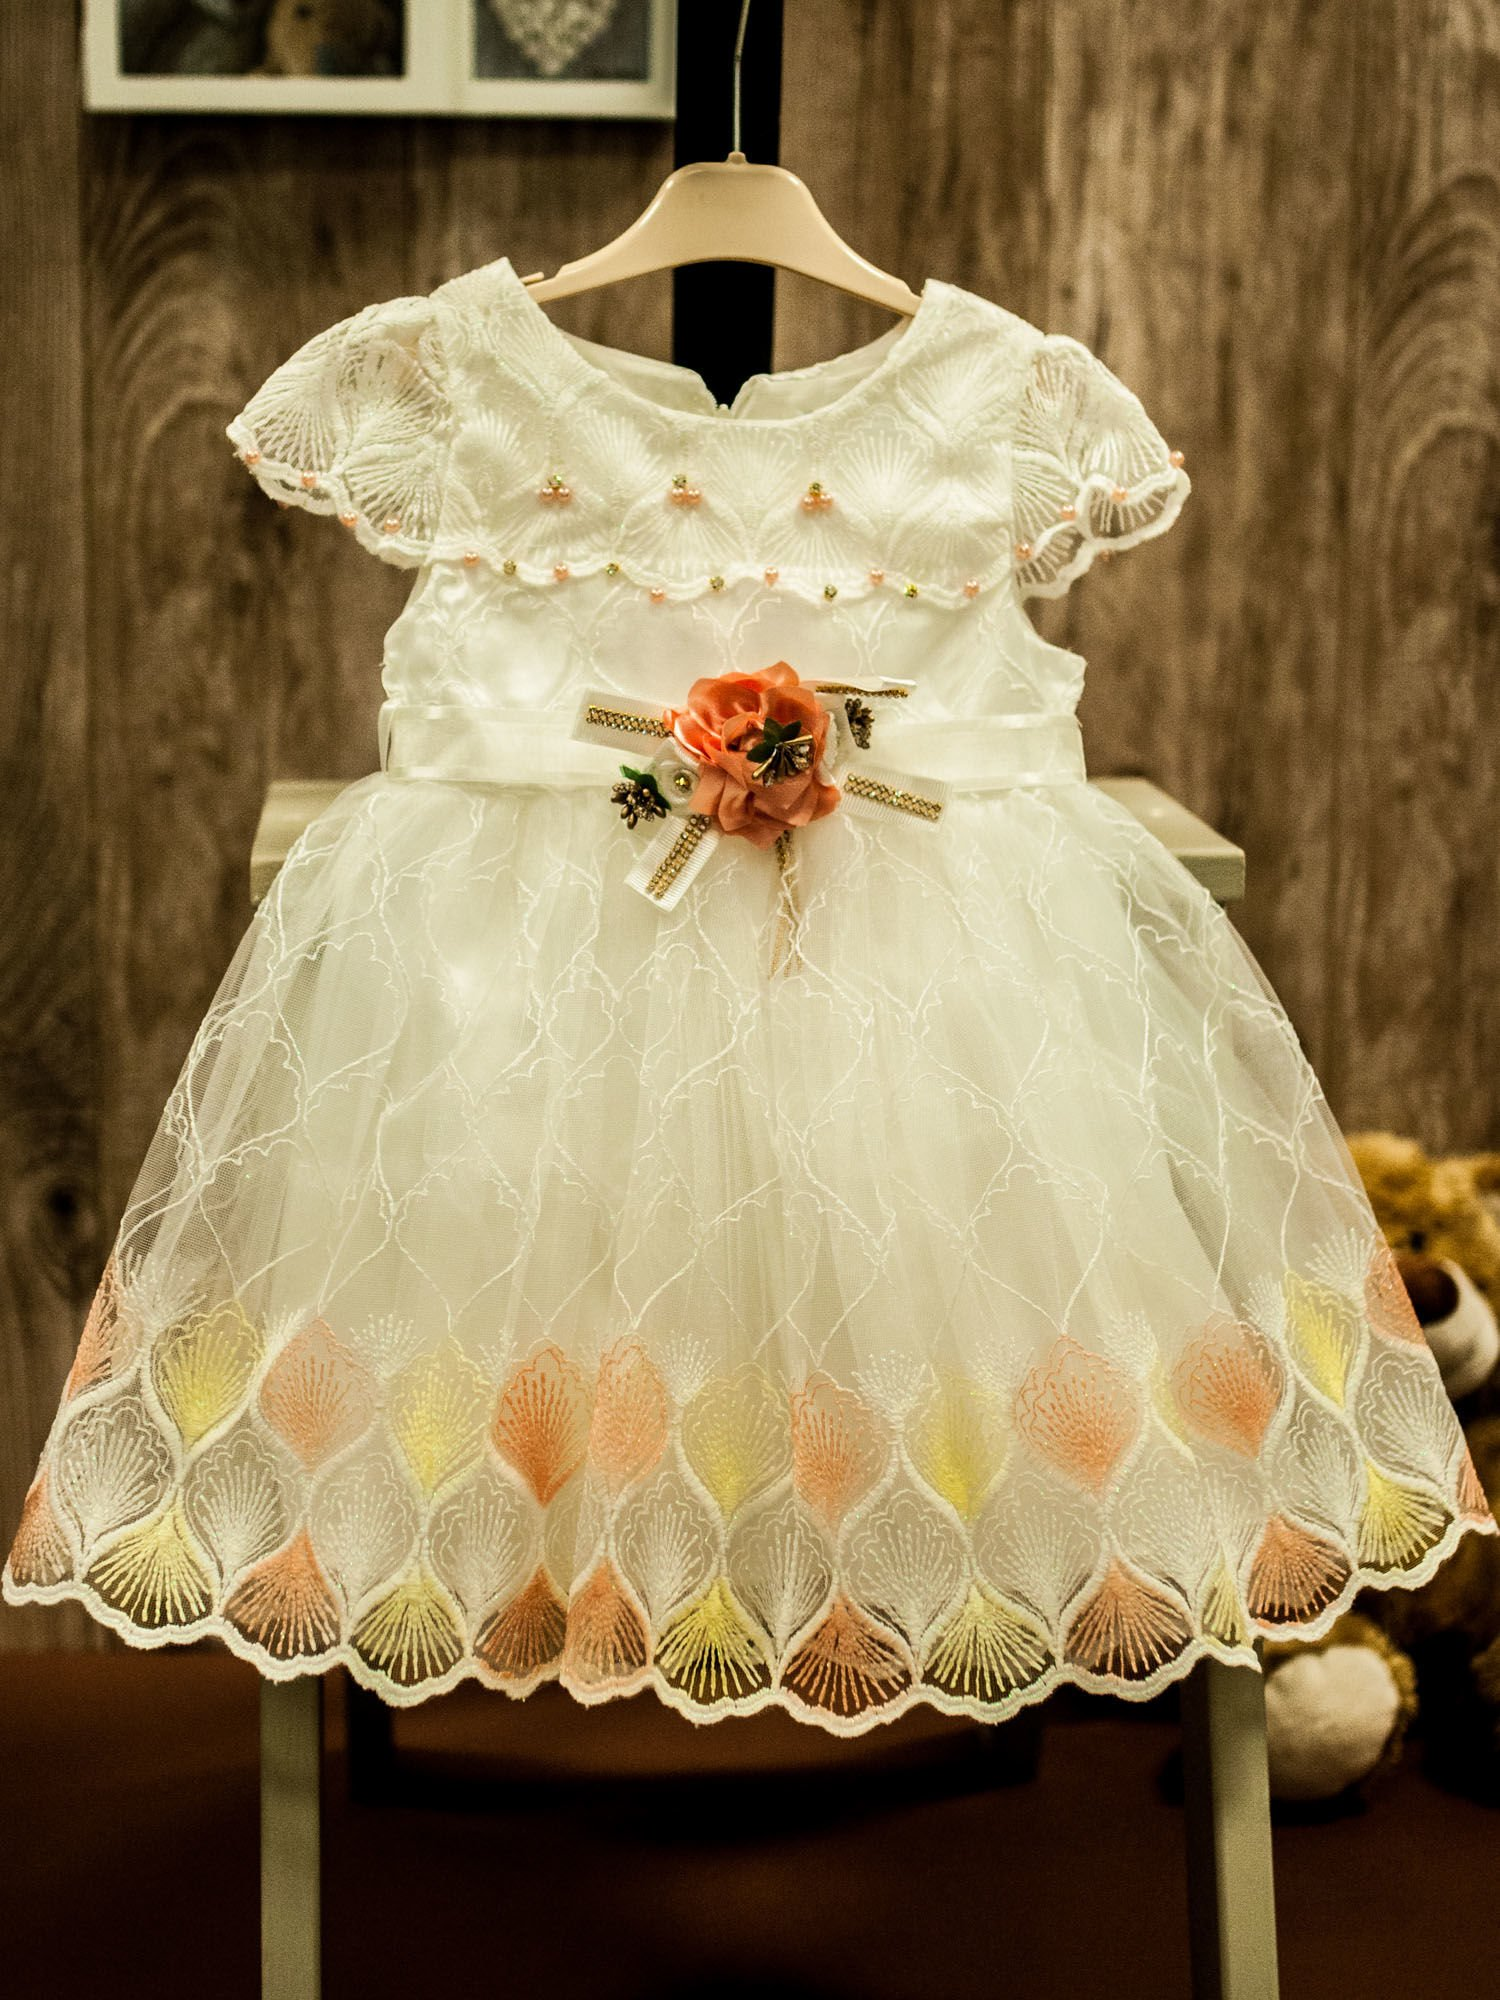 d78133f1bb Biała tiulowa sukienka dziewczęca z ozdobną różyczką - Dziecko ...